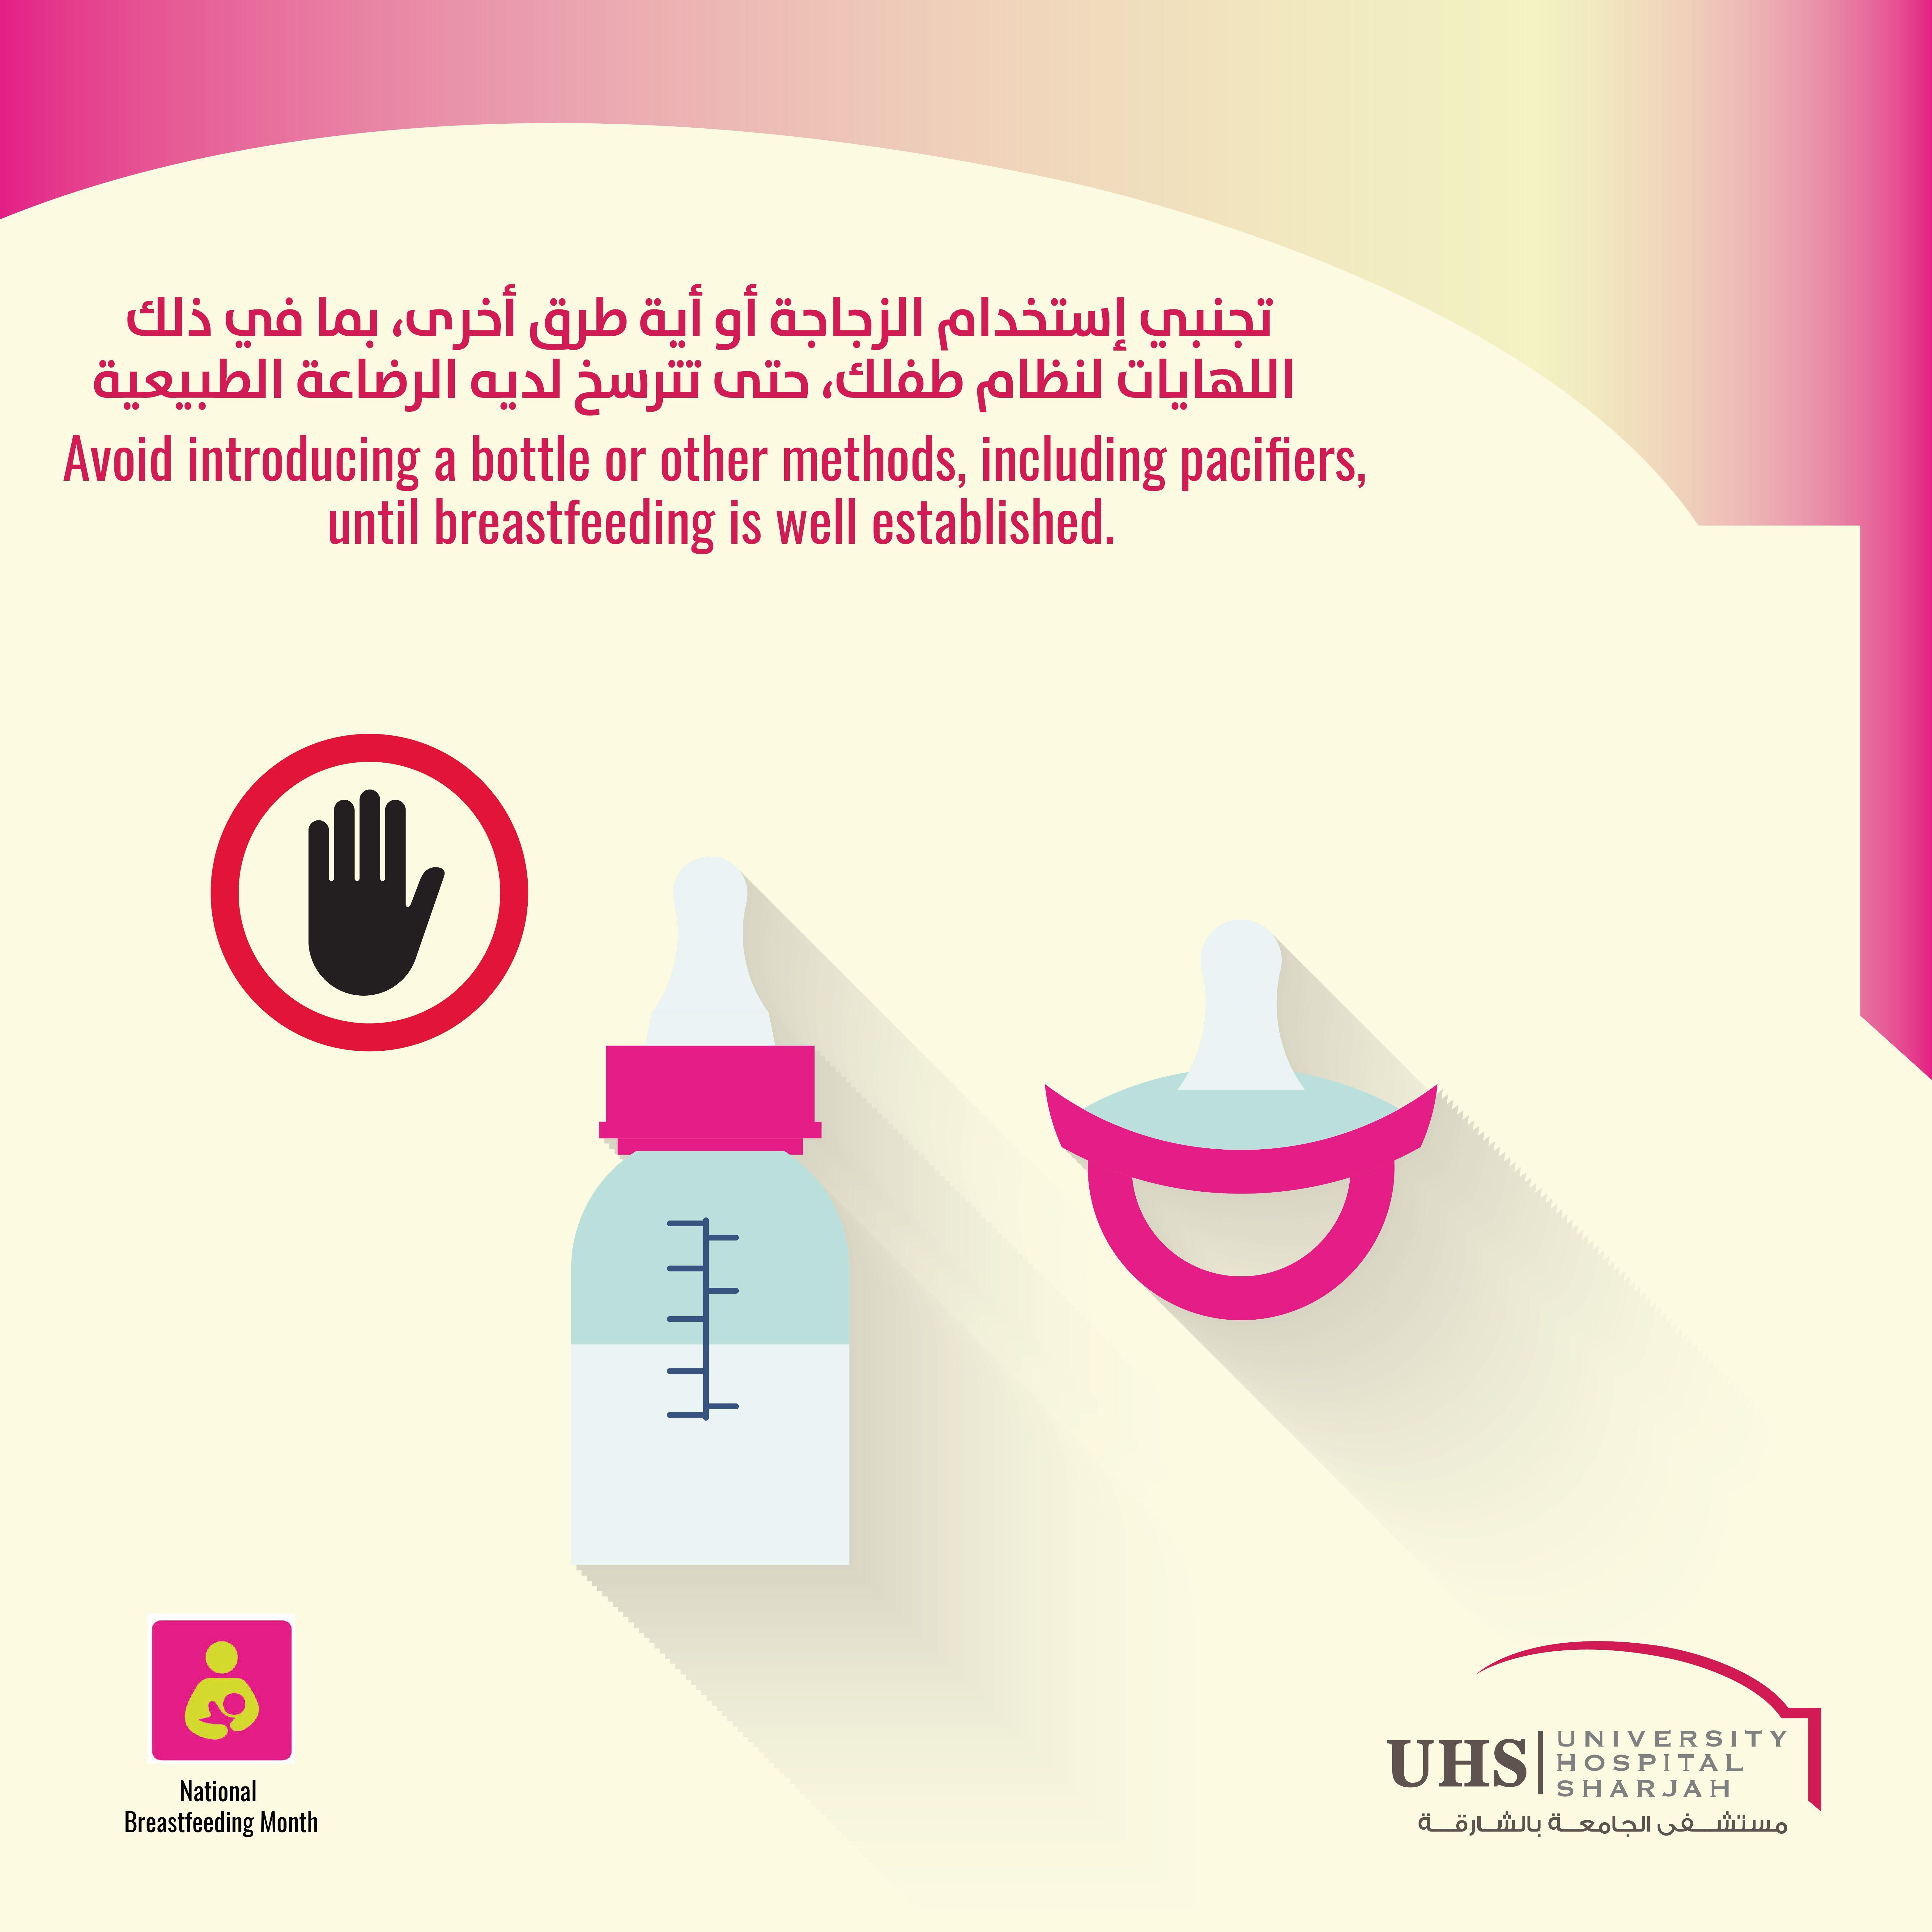 تجنبي استخدام الزجاجة أو أية طرق أخرى بما في ذلك اللهايات حتى تترسخ لديه الرضاعة الطبيعية Breastfeeding Awareness Month Breastfeeding Awareness Breastfeeding